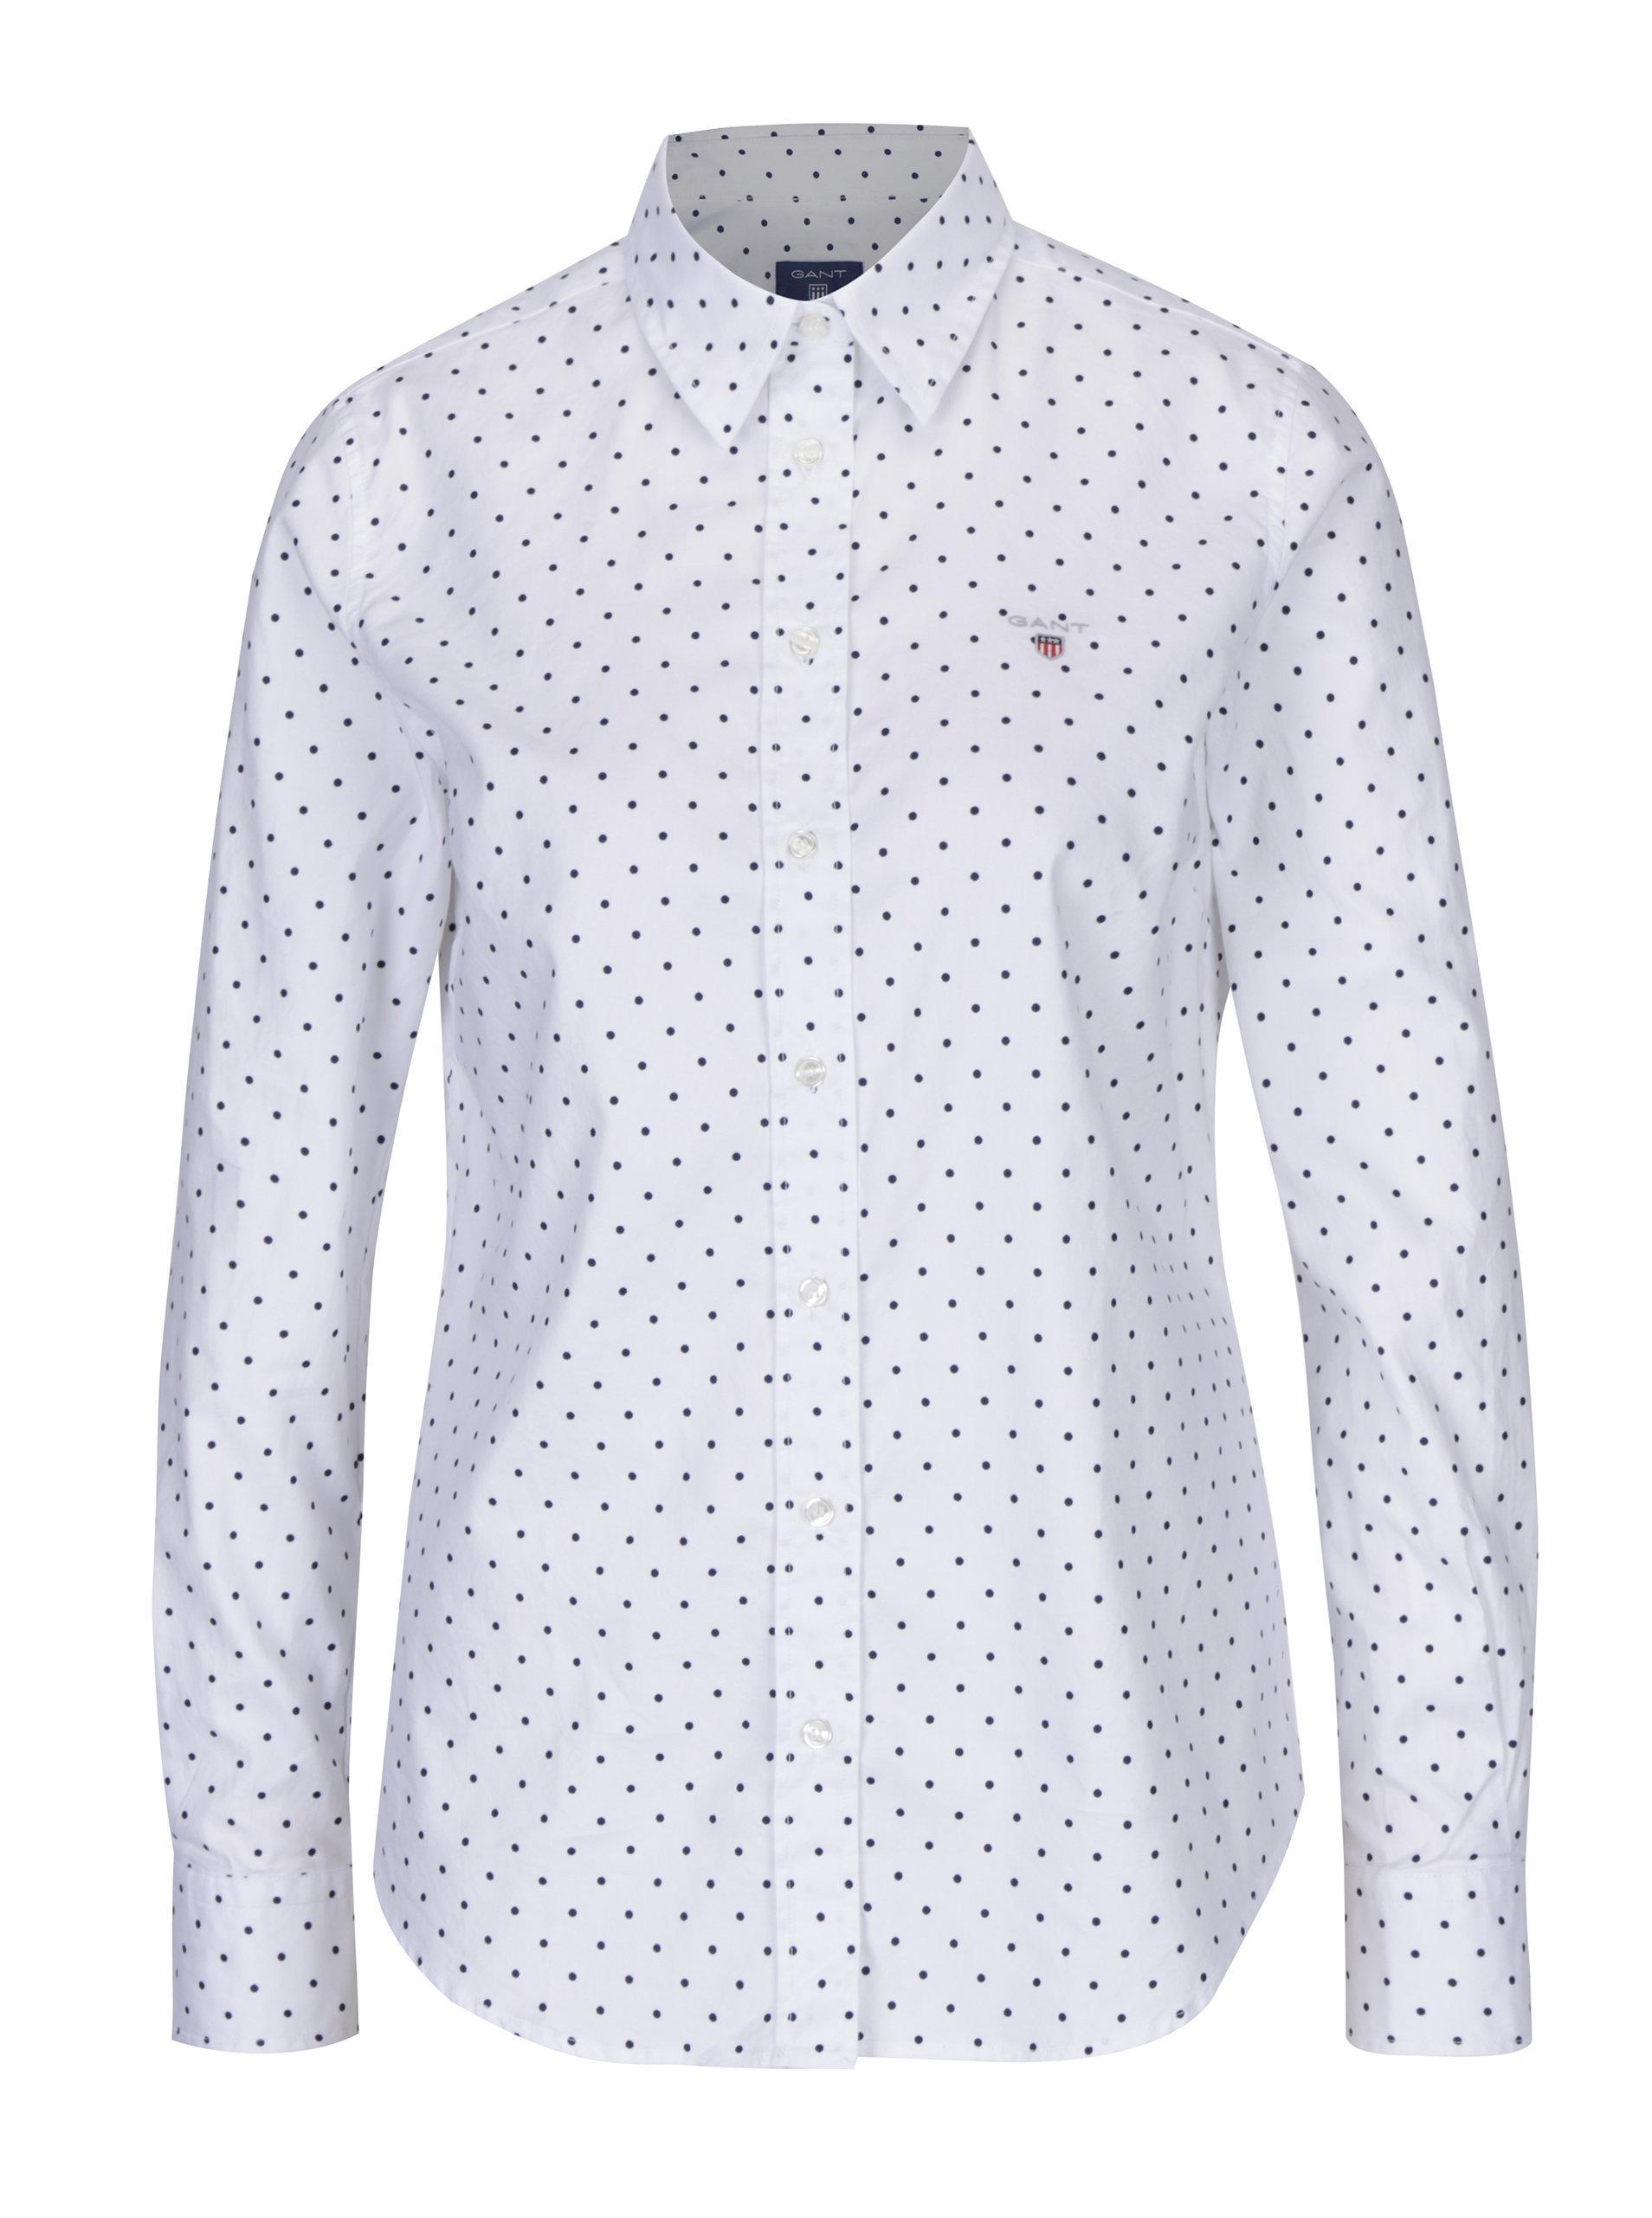 9ec1808c27f4 Biela dámska bodkovaná košeľa GANT ...